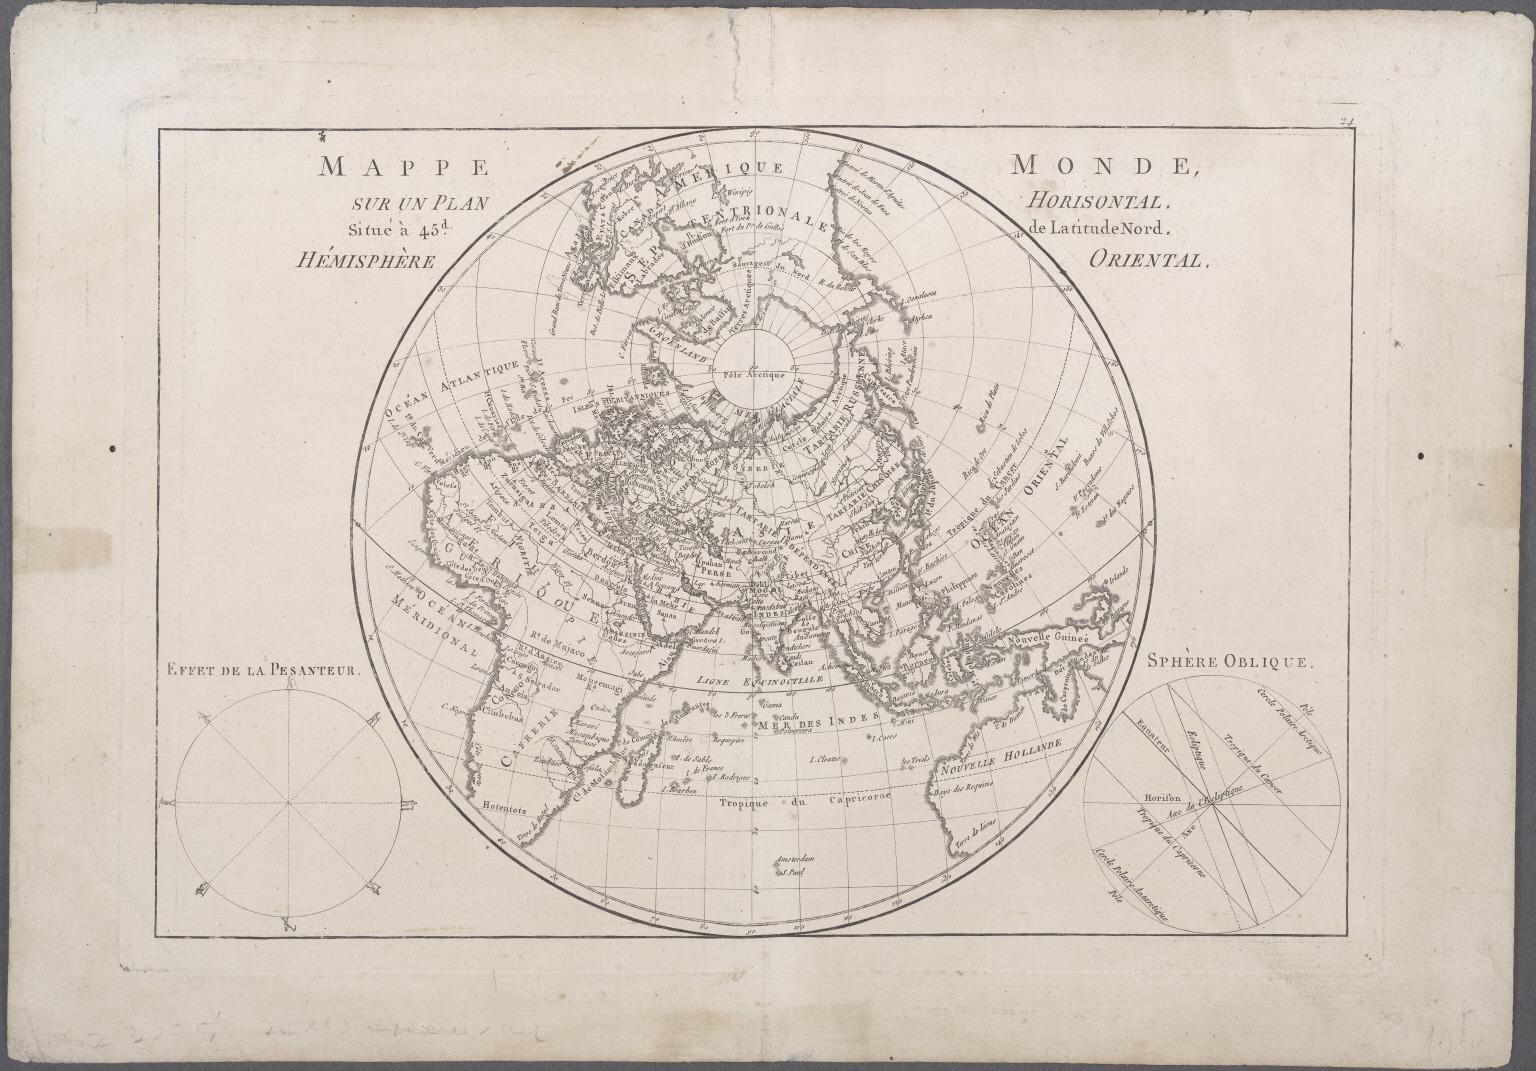 Mappe Monde, Sur Un Plan Horisontal. Situe a 45d de latitude Nord. Hemiphere Oriental.